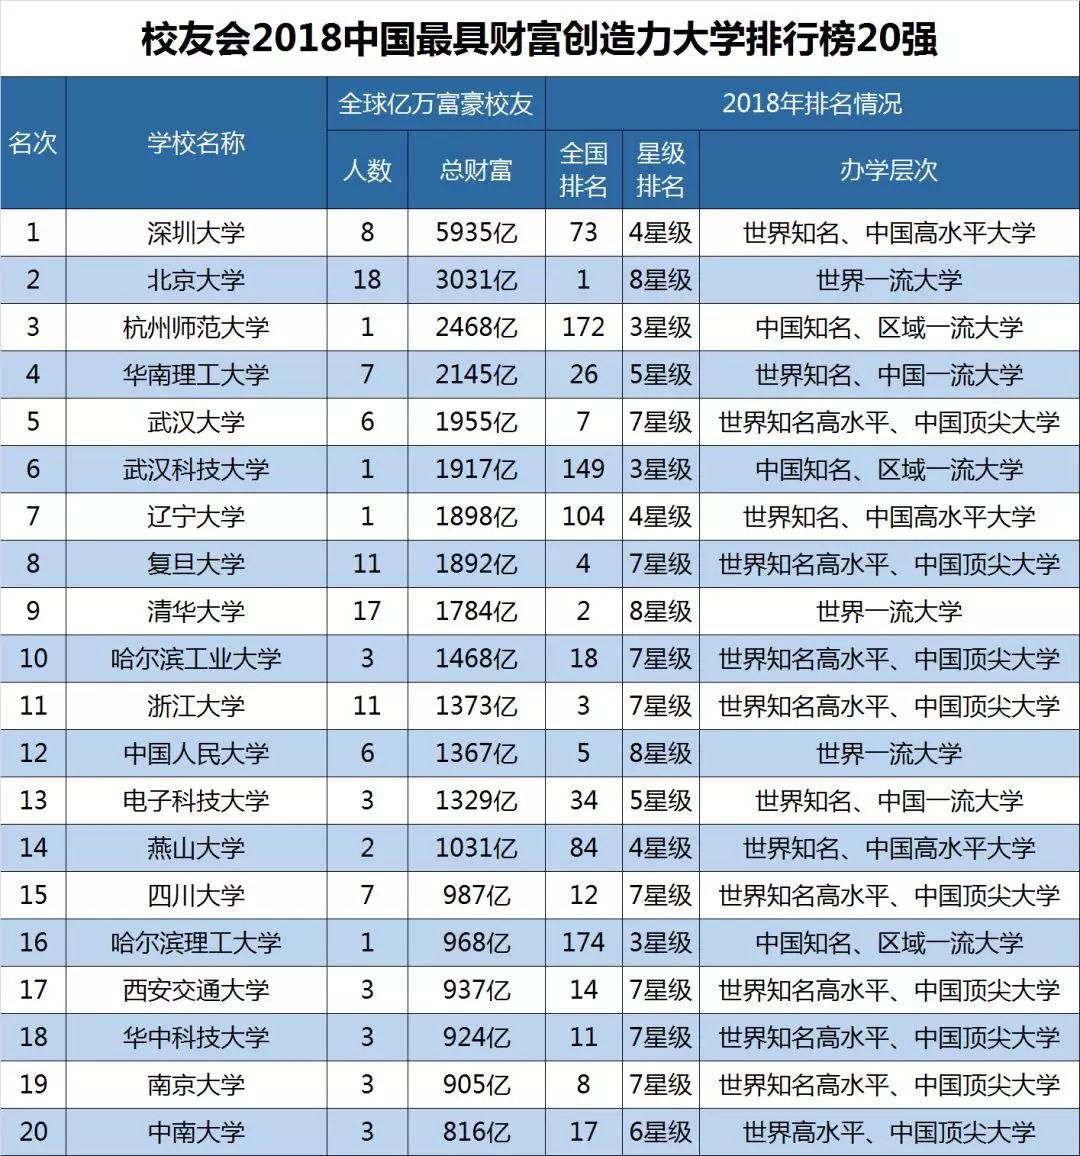 2018中国大学排行榜100强_2018中国大学排行榜100强